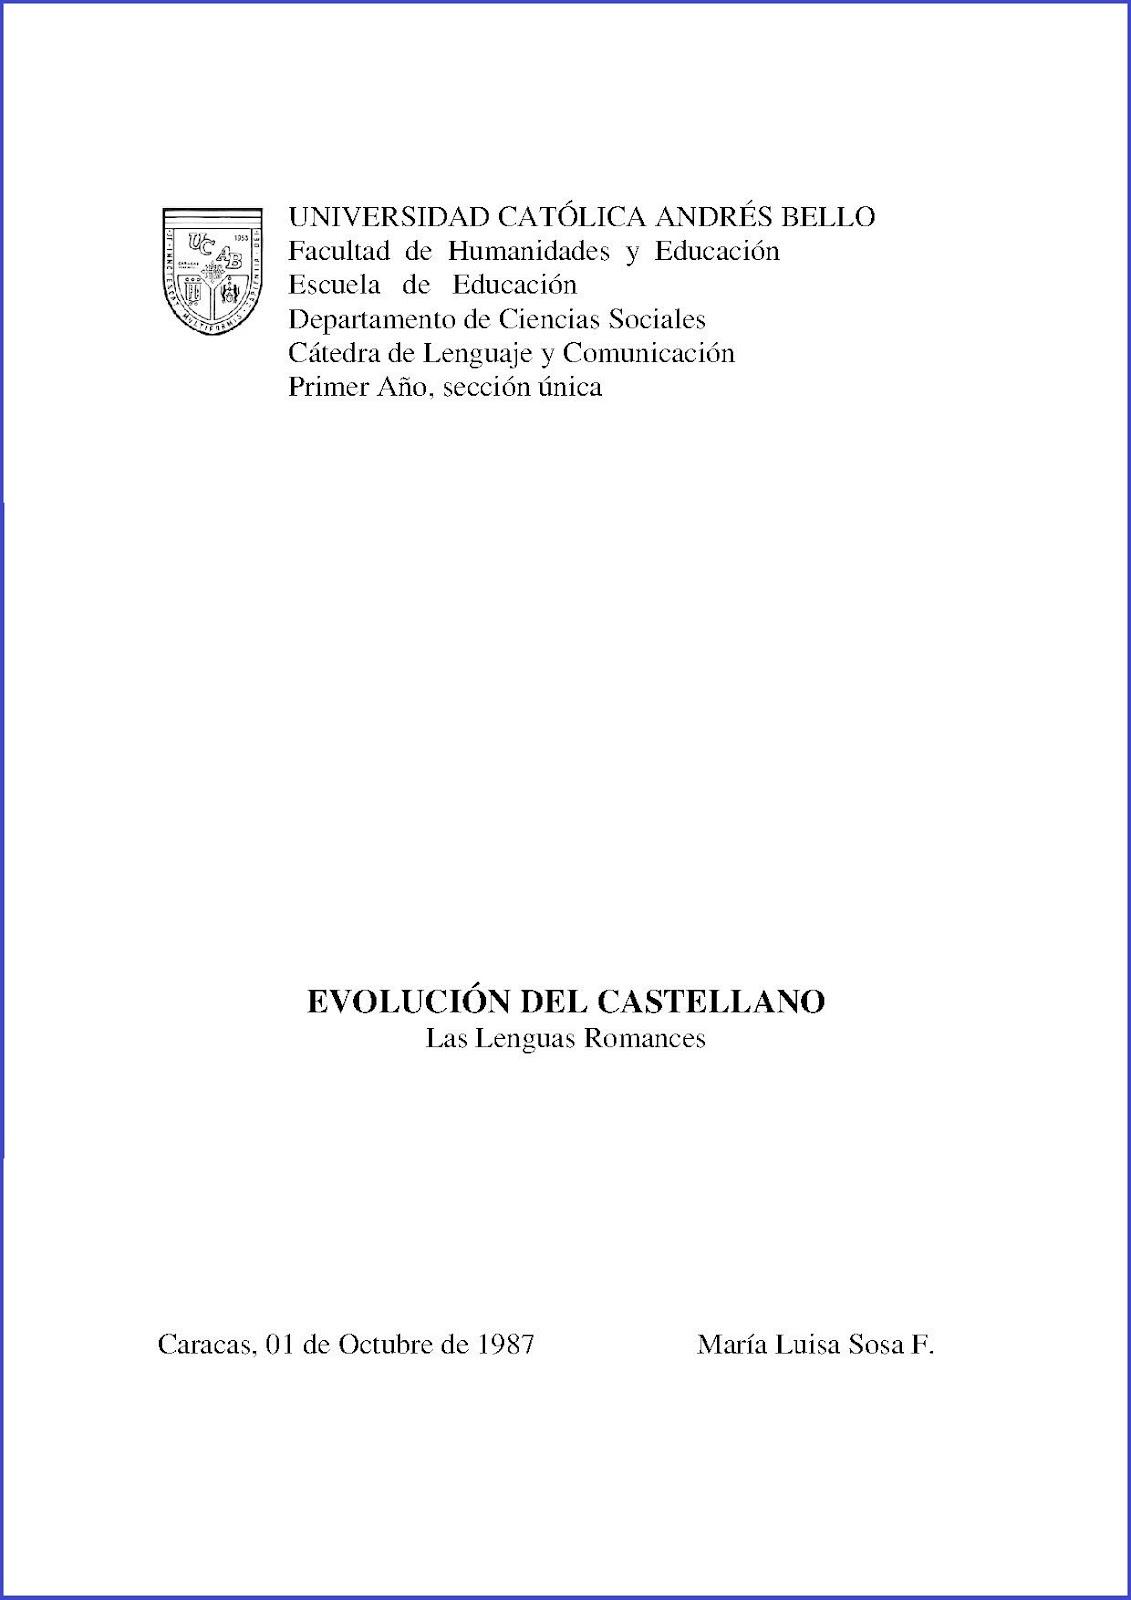 MODELOS DE PORTADAS